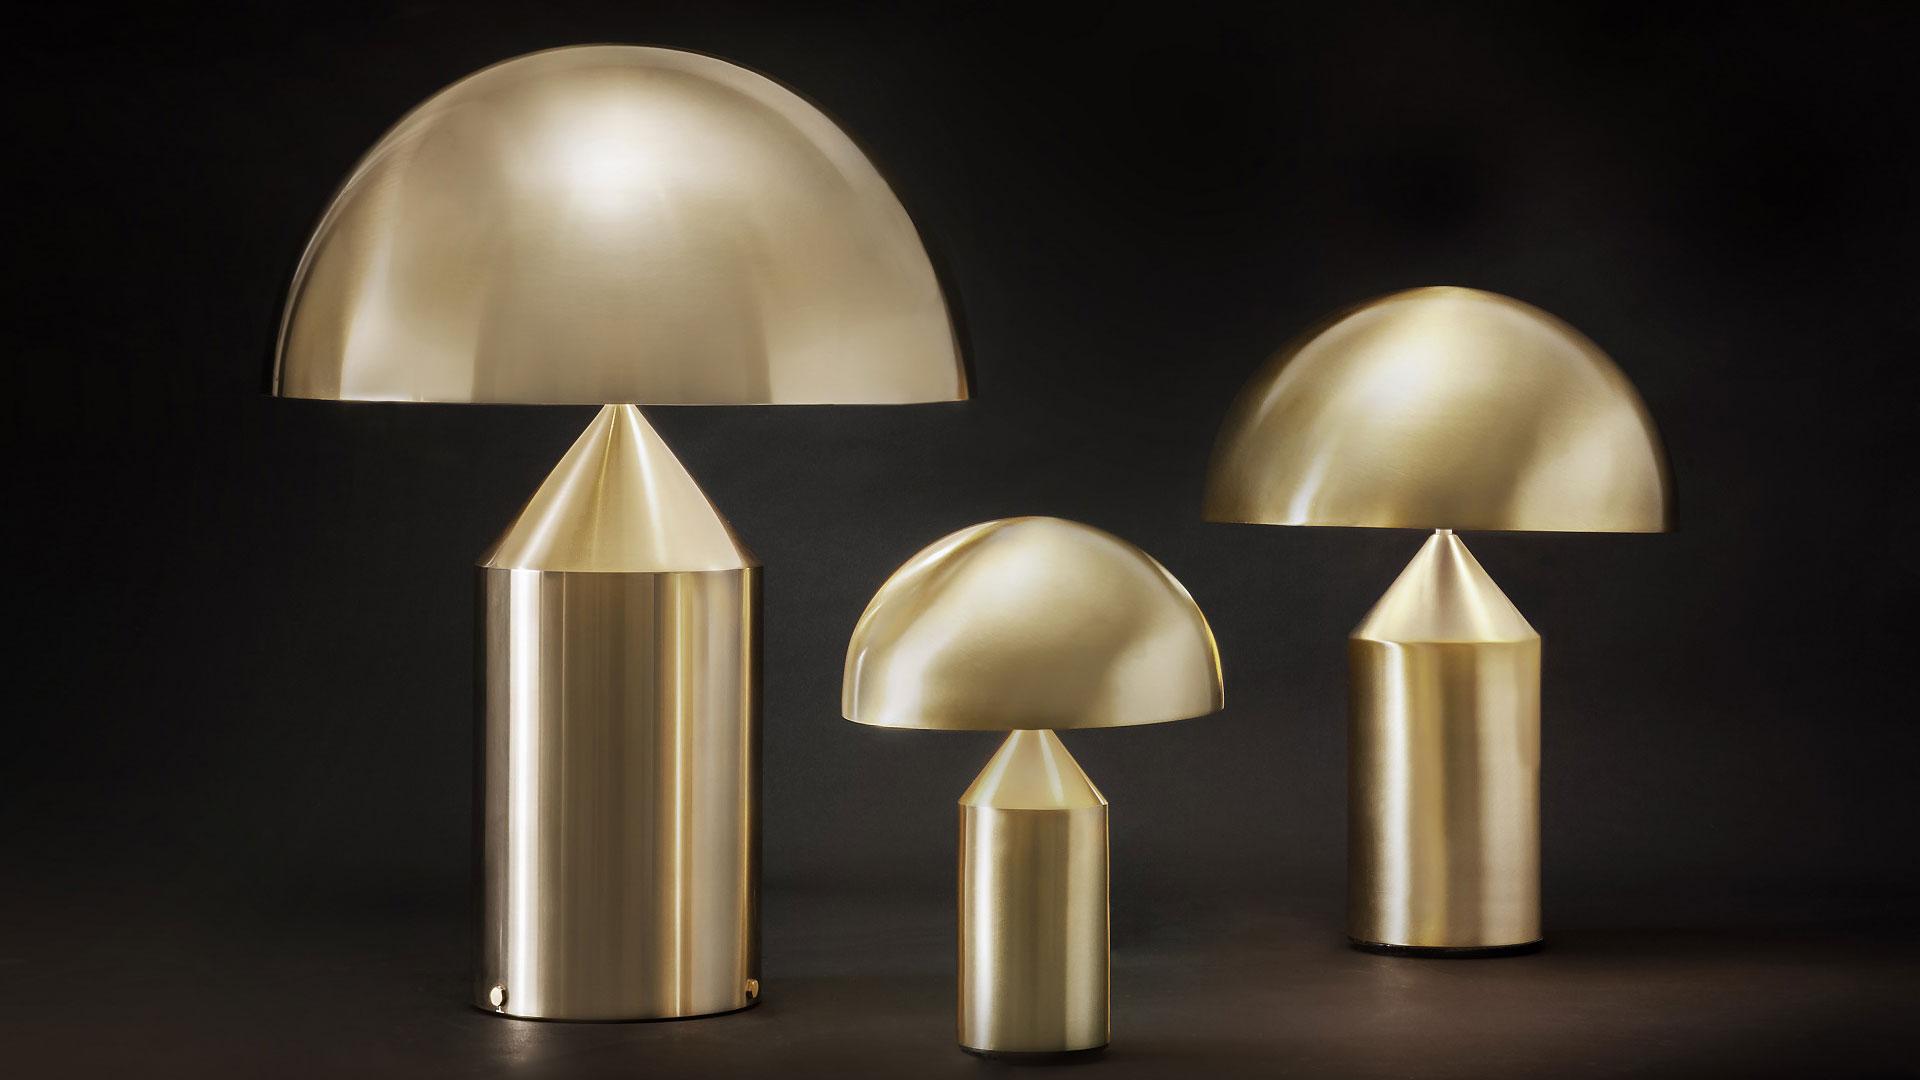 Design Lampade Da Tavolo atollo 233, design vico magistretti - lampade da tavolo - oluce